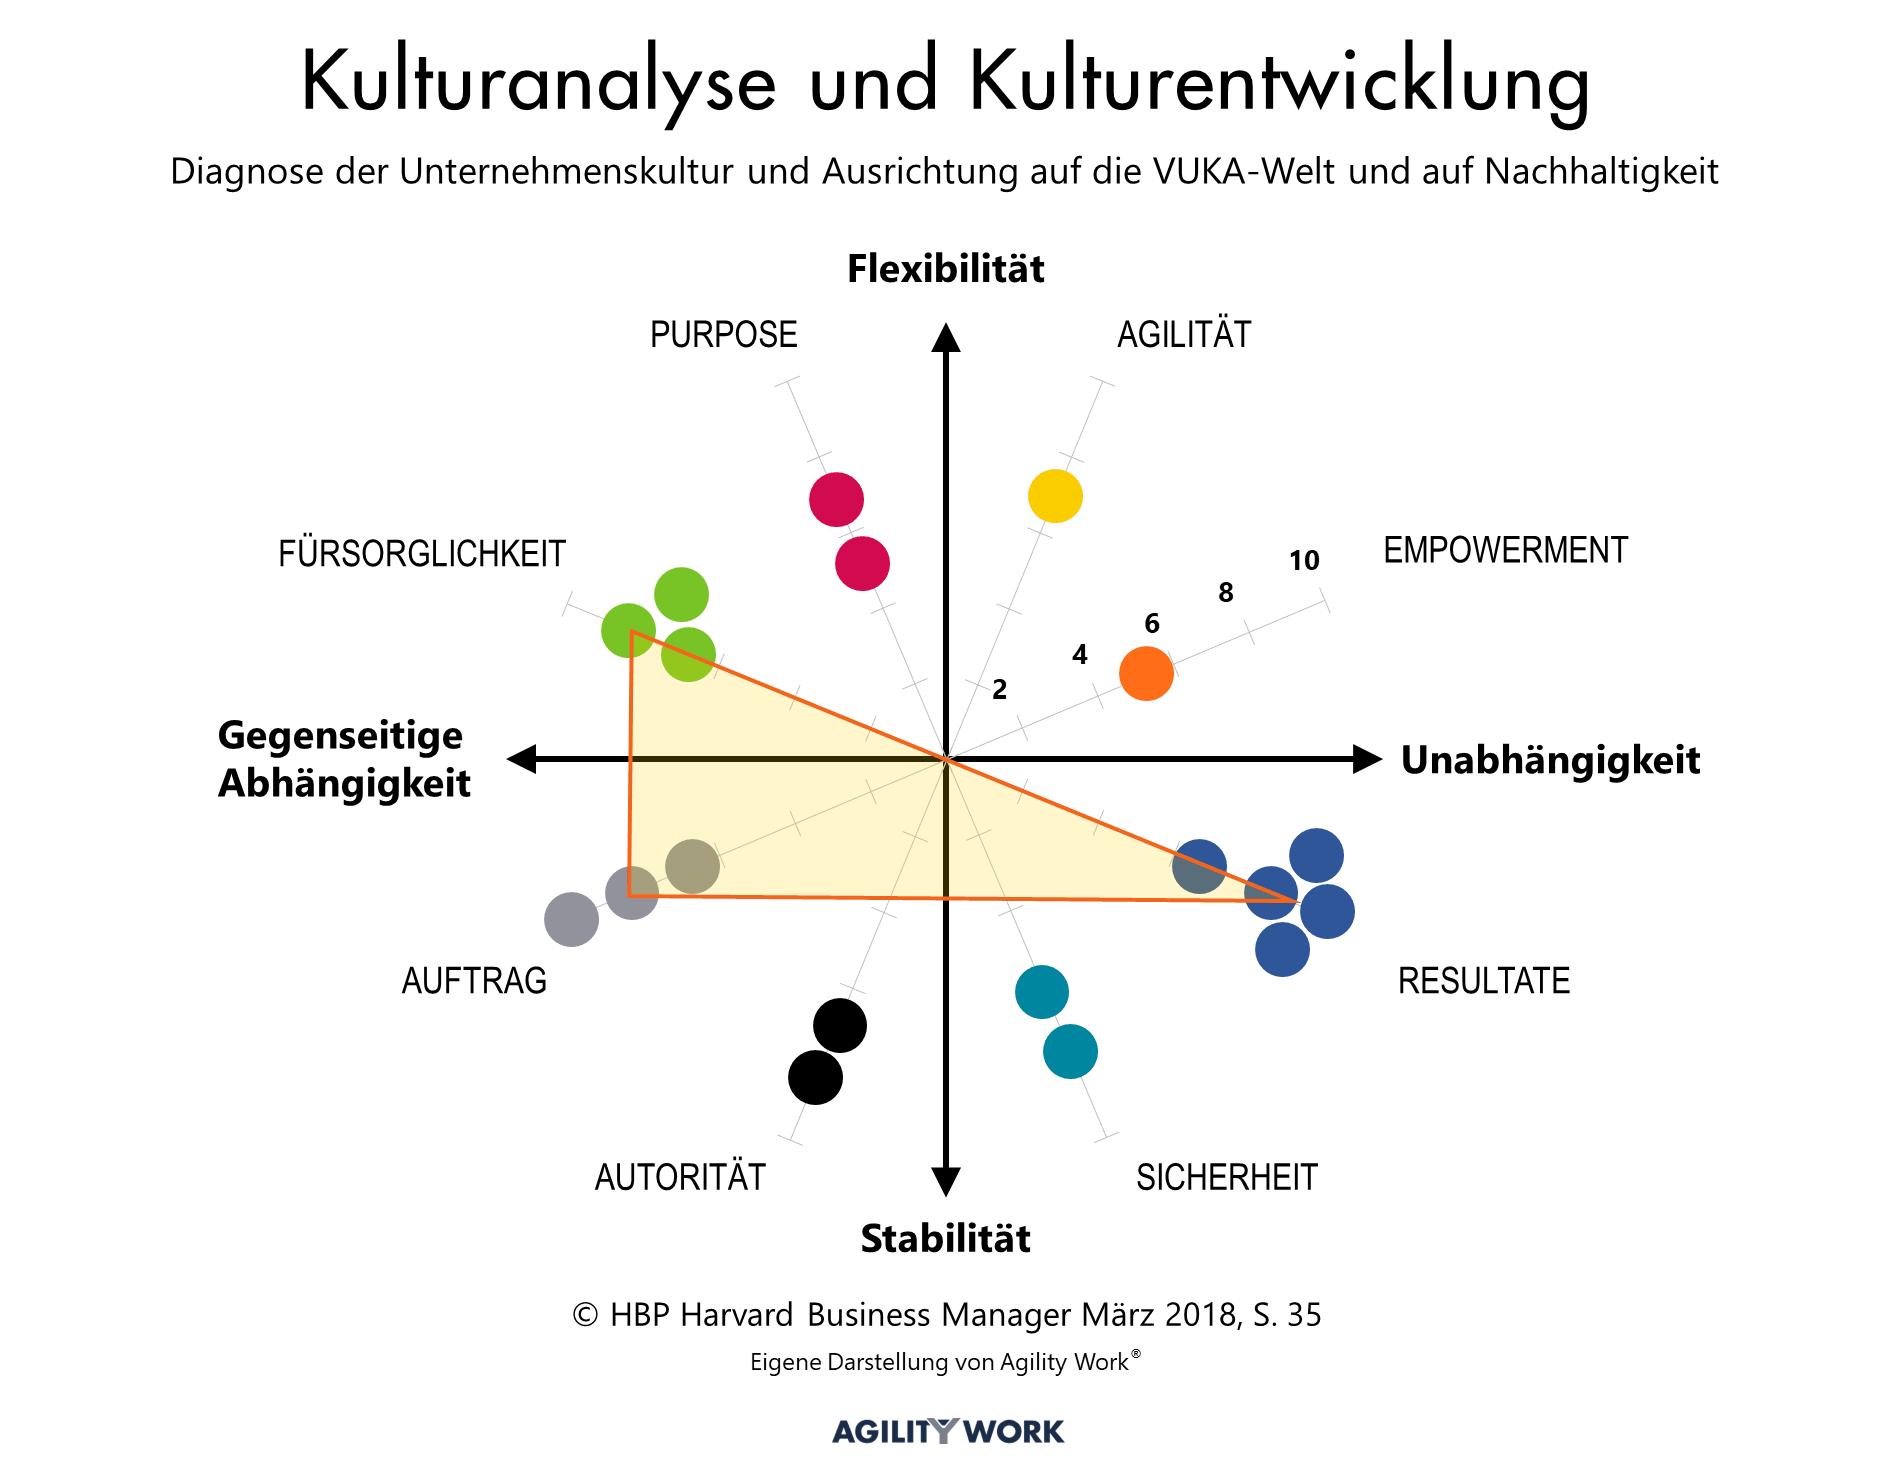 Kulturanalyse und Kulturentwicklung